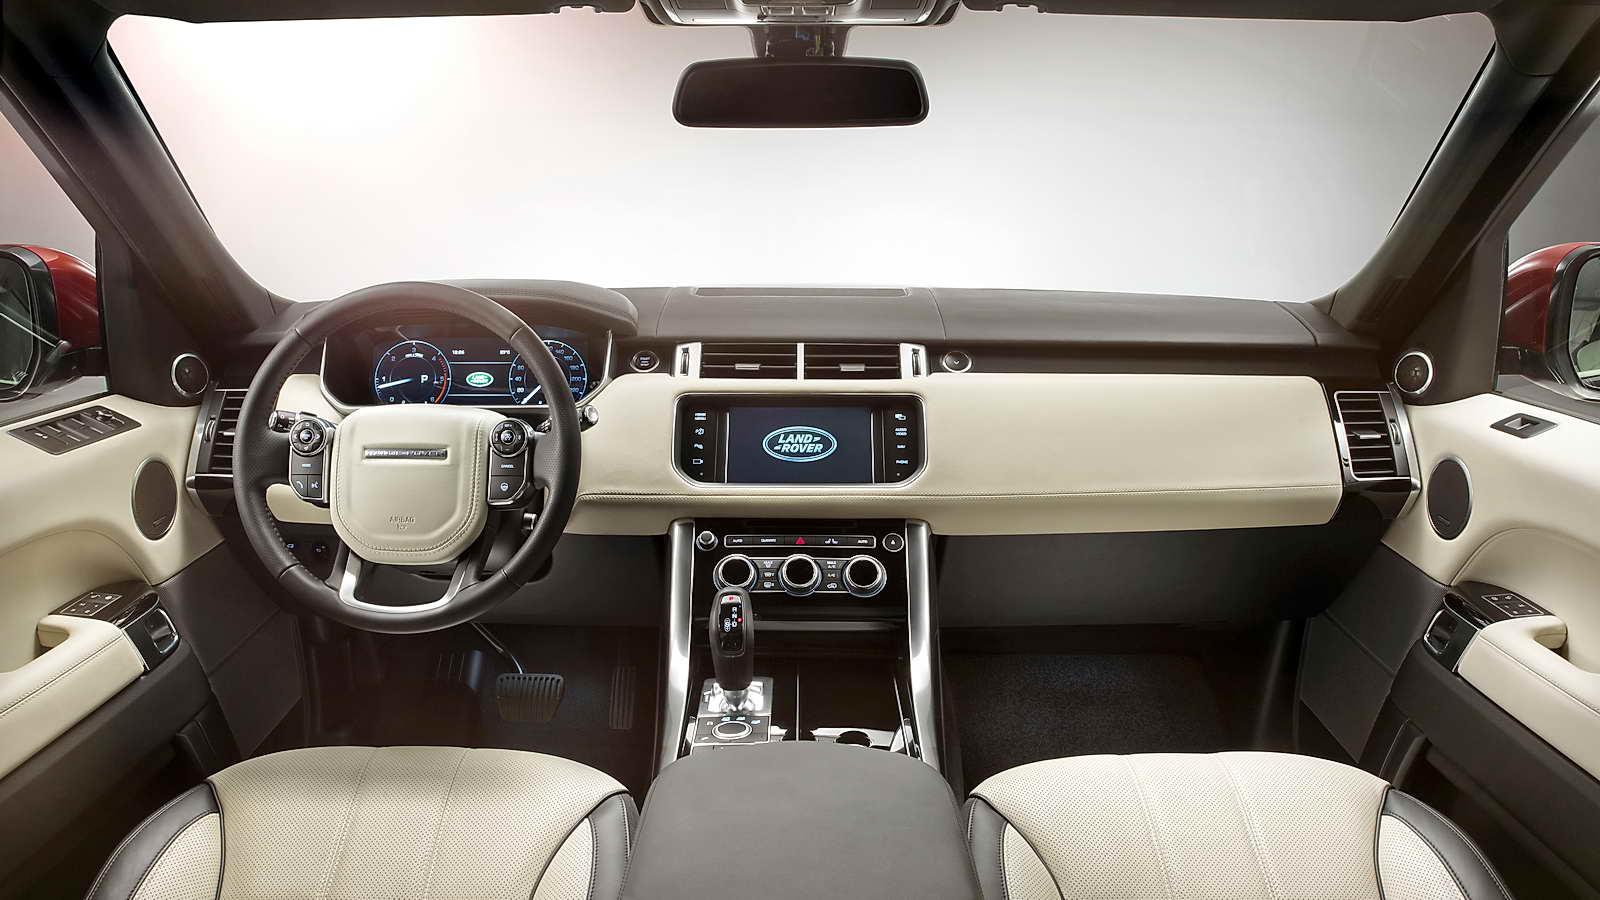 ... bwin aktie dividende bwin Promotion Code 2015 el Range Rover 3.0 TDV6 HSE y hasta 145.600 € para el Range Rover